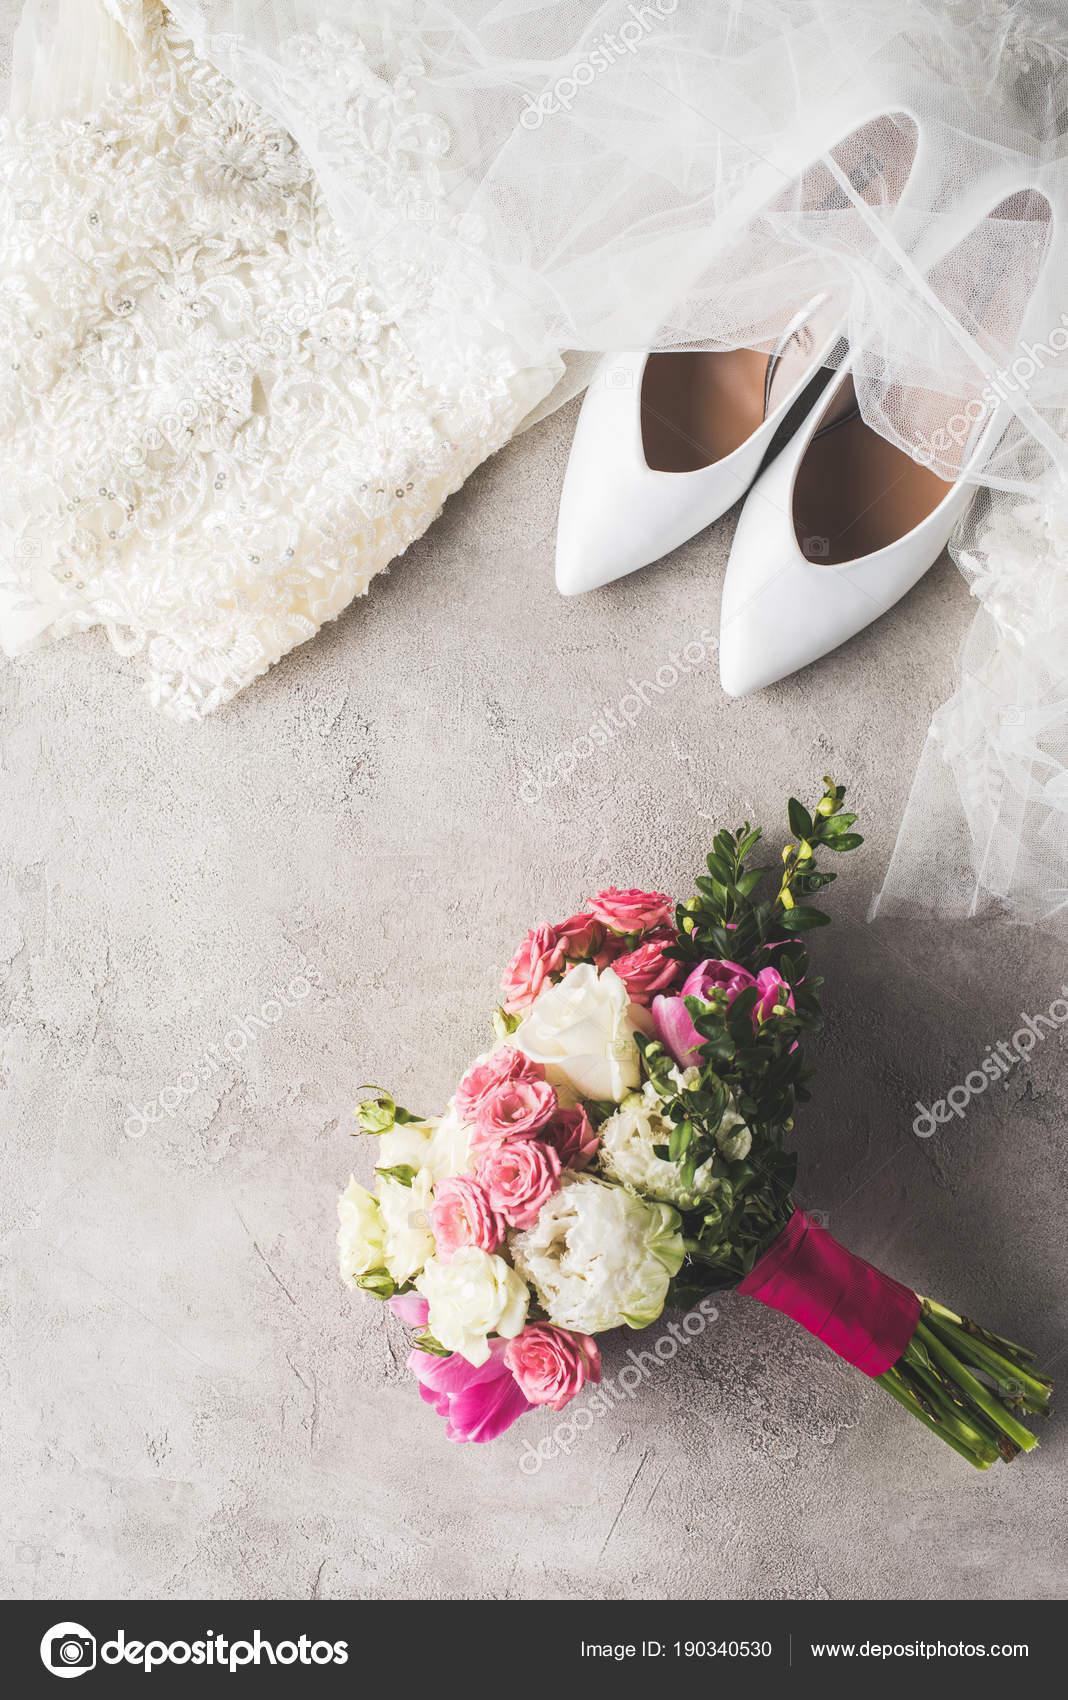 Draufsicht Der Hochzeitskleid Schuhe Und Strauß Auf Graue Oberfläche ...